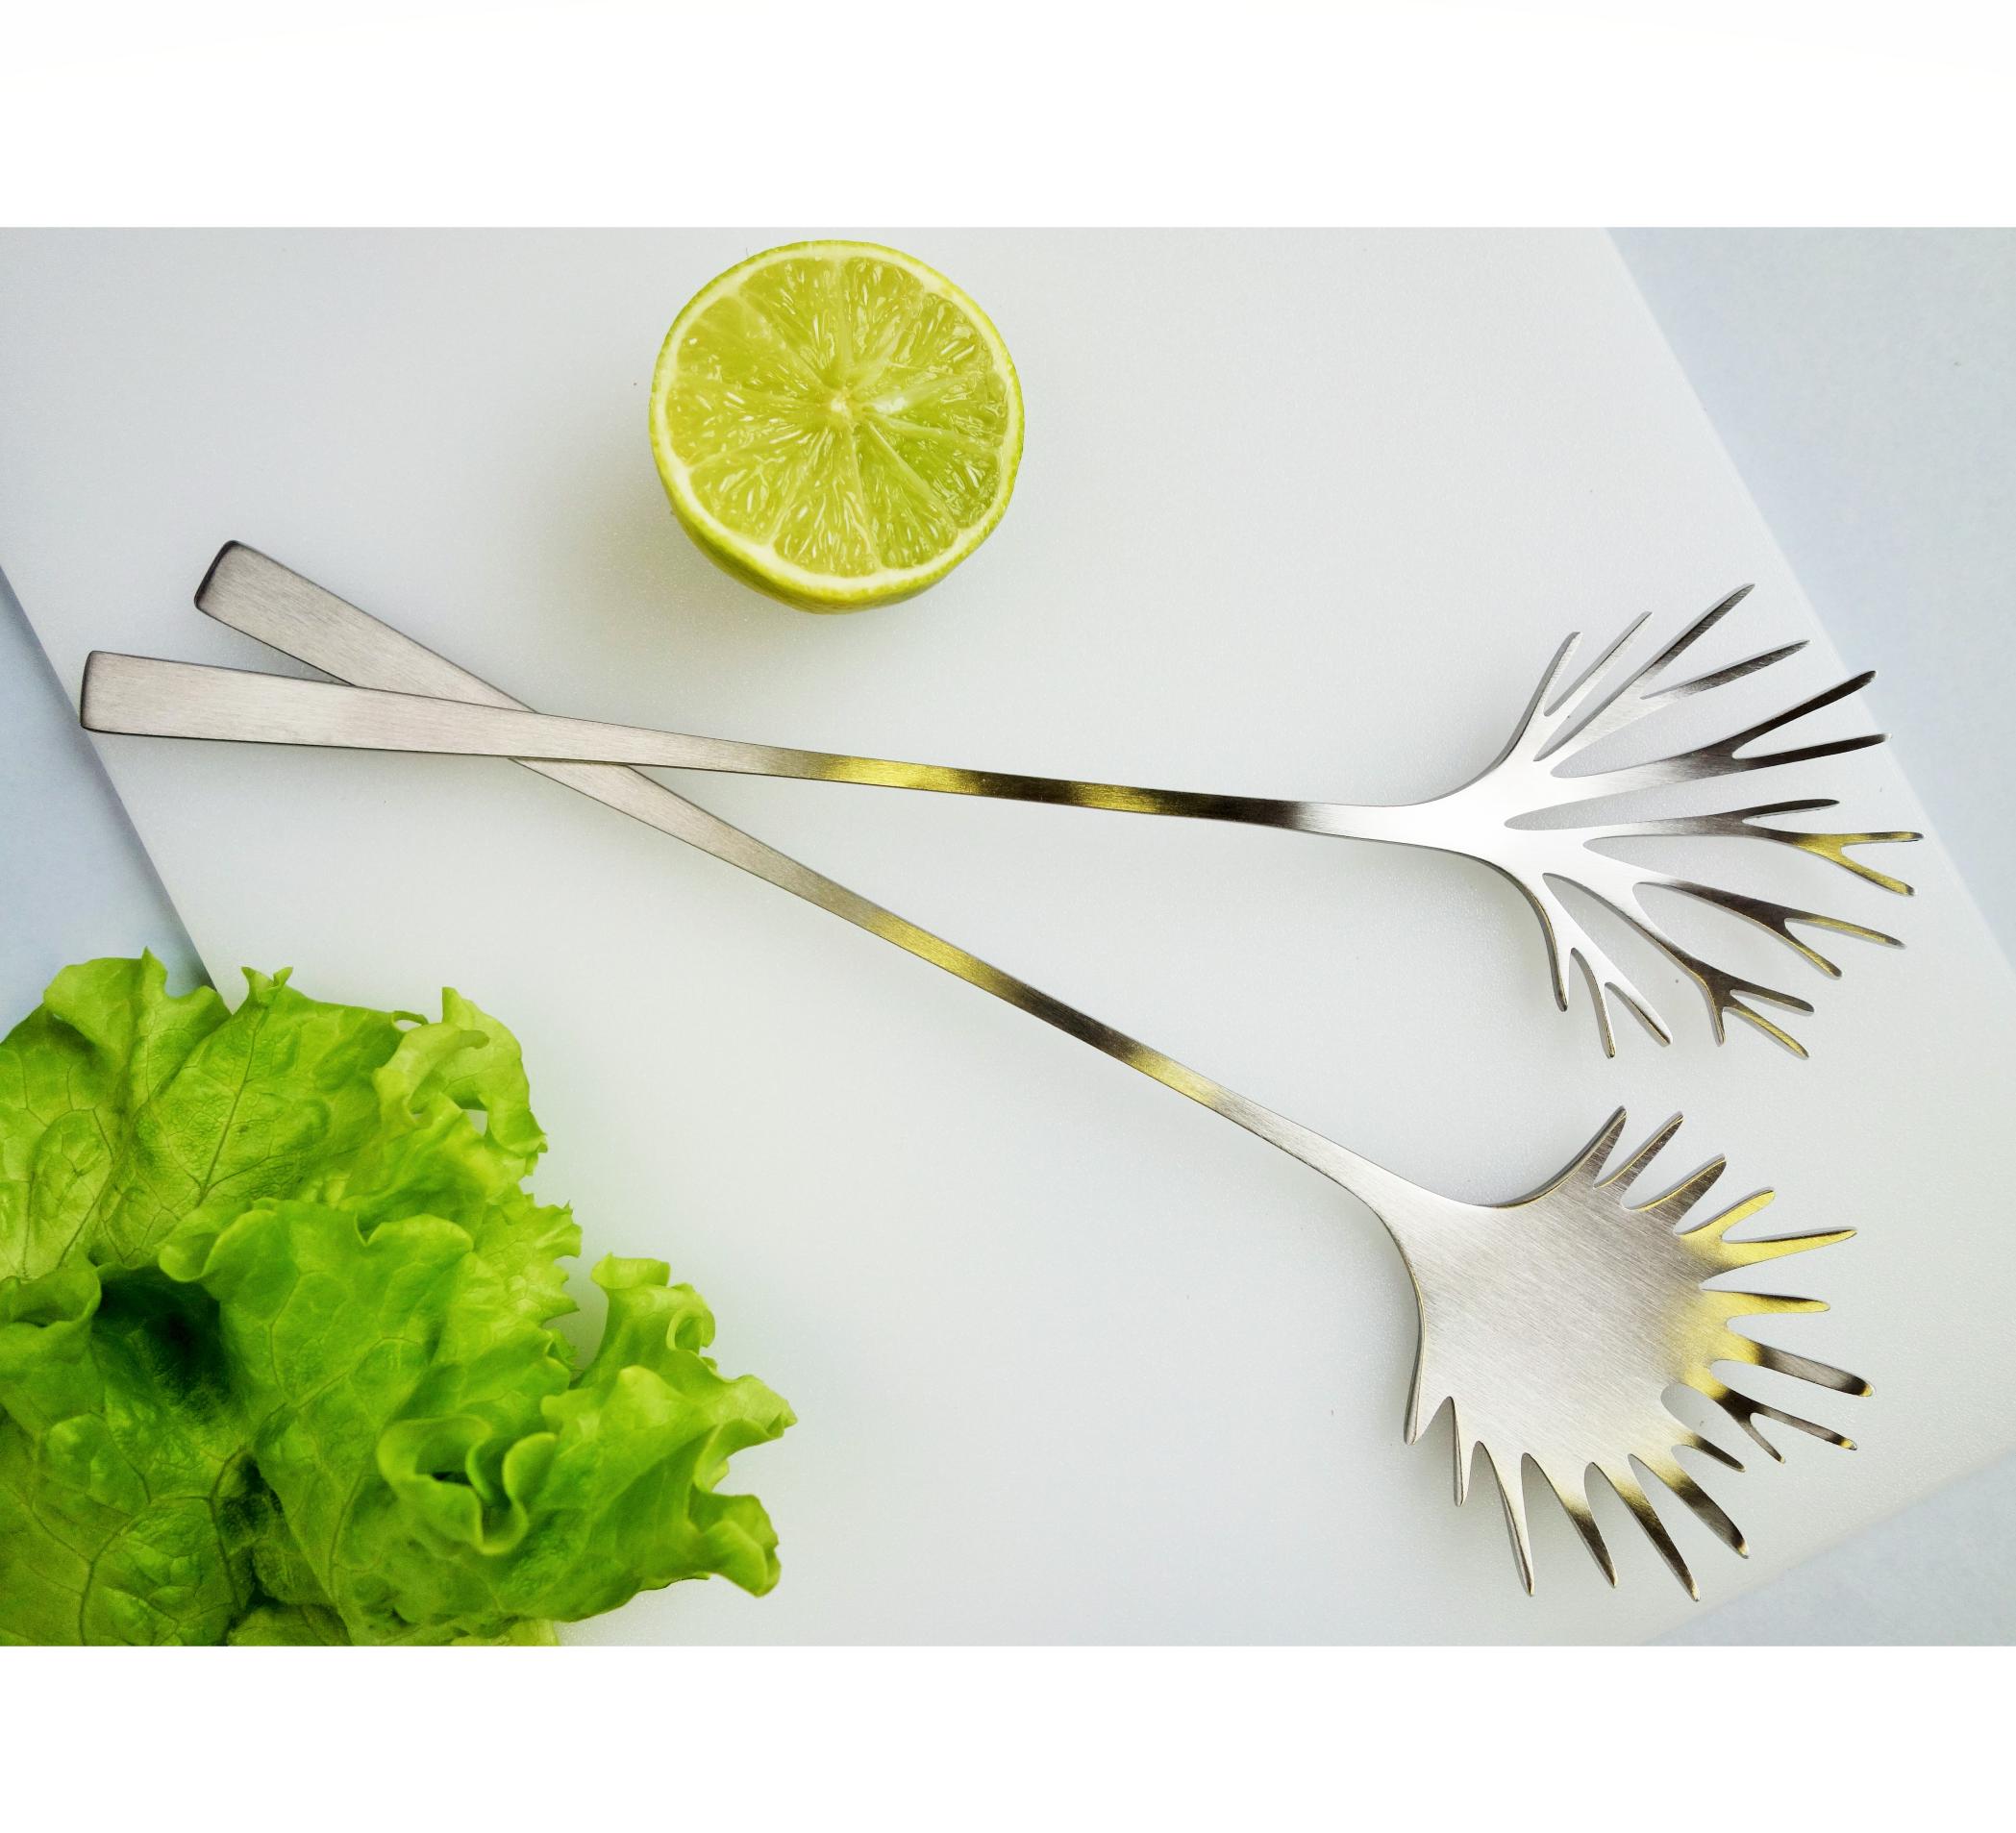 Salad set - Brushed